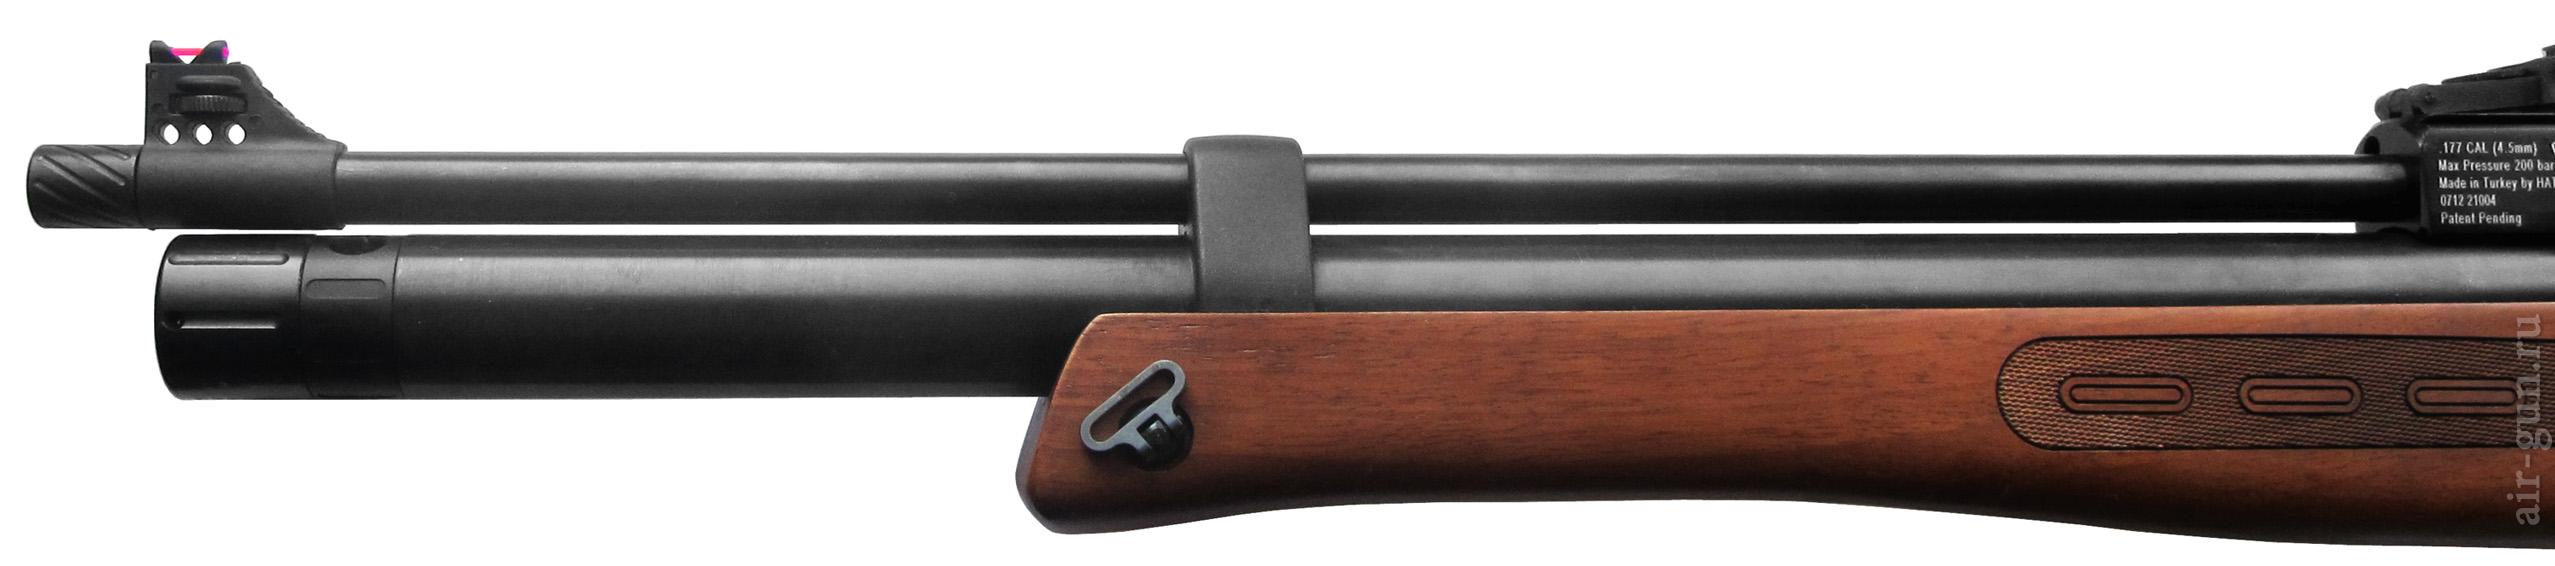 5) Hatsan 65 SB